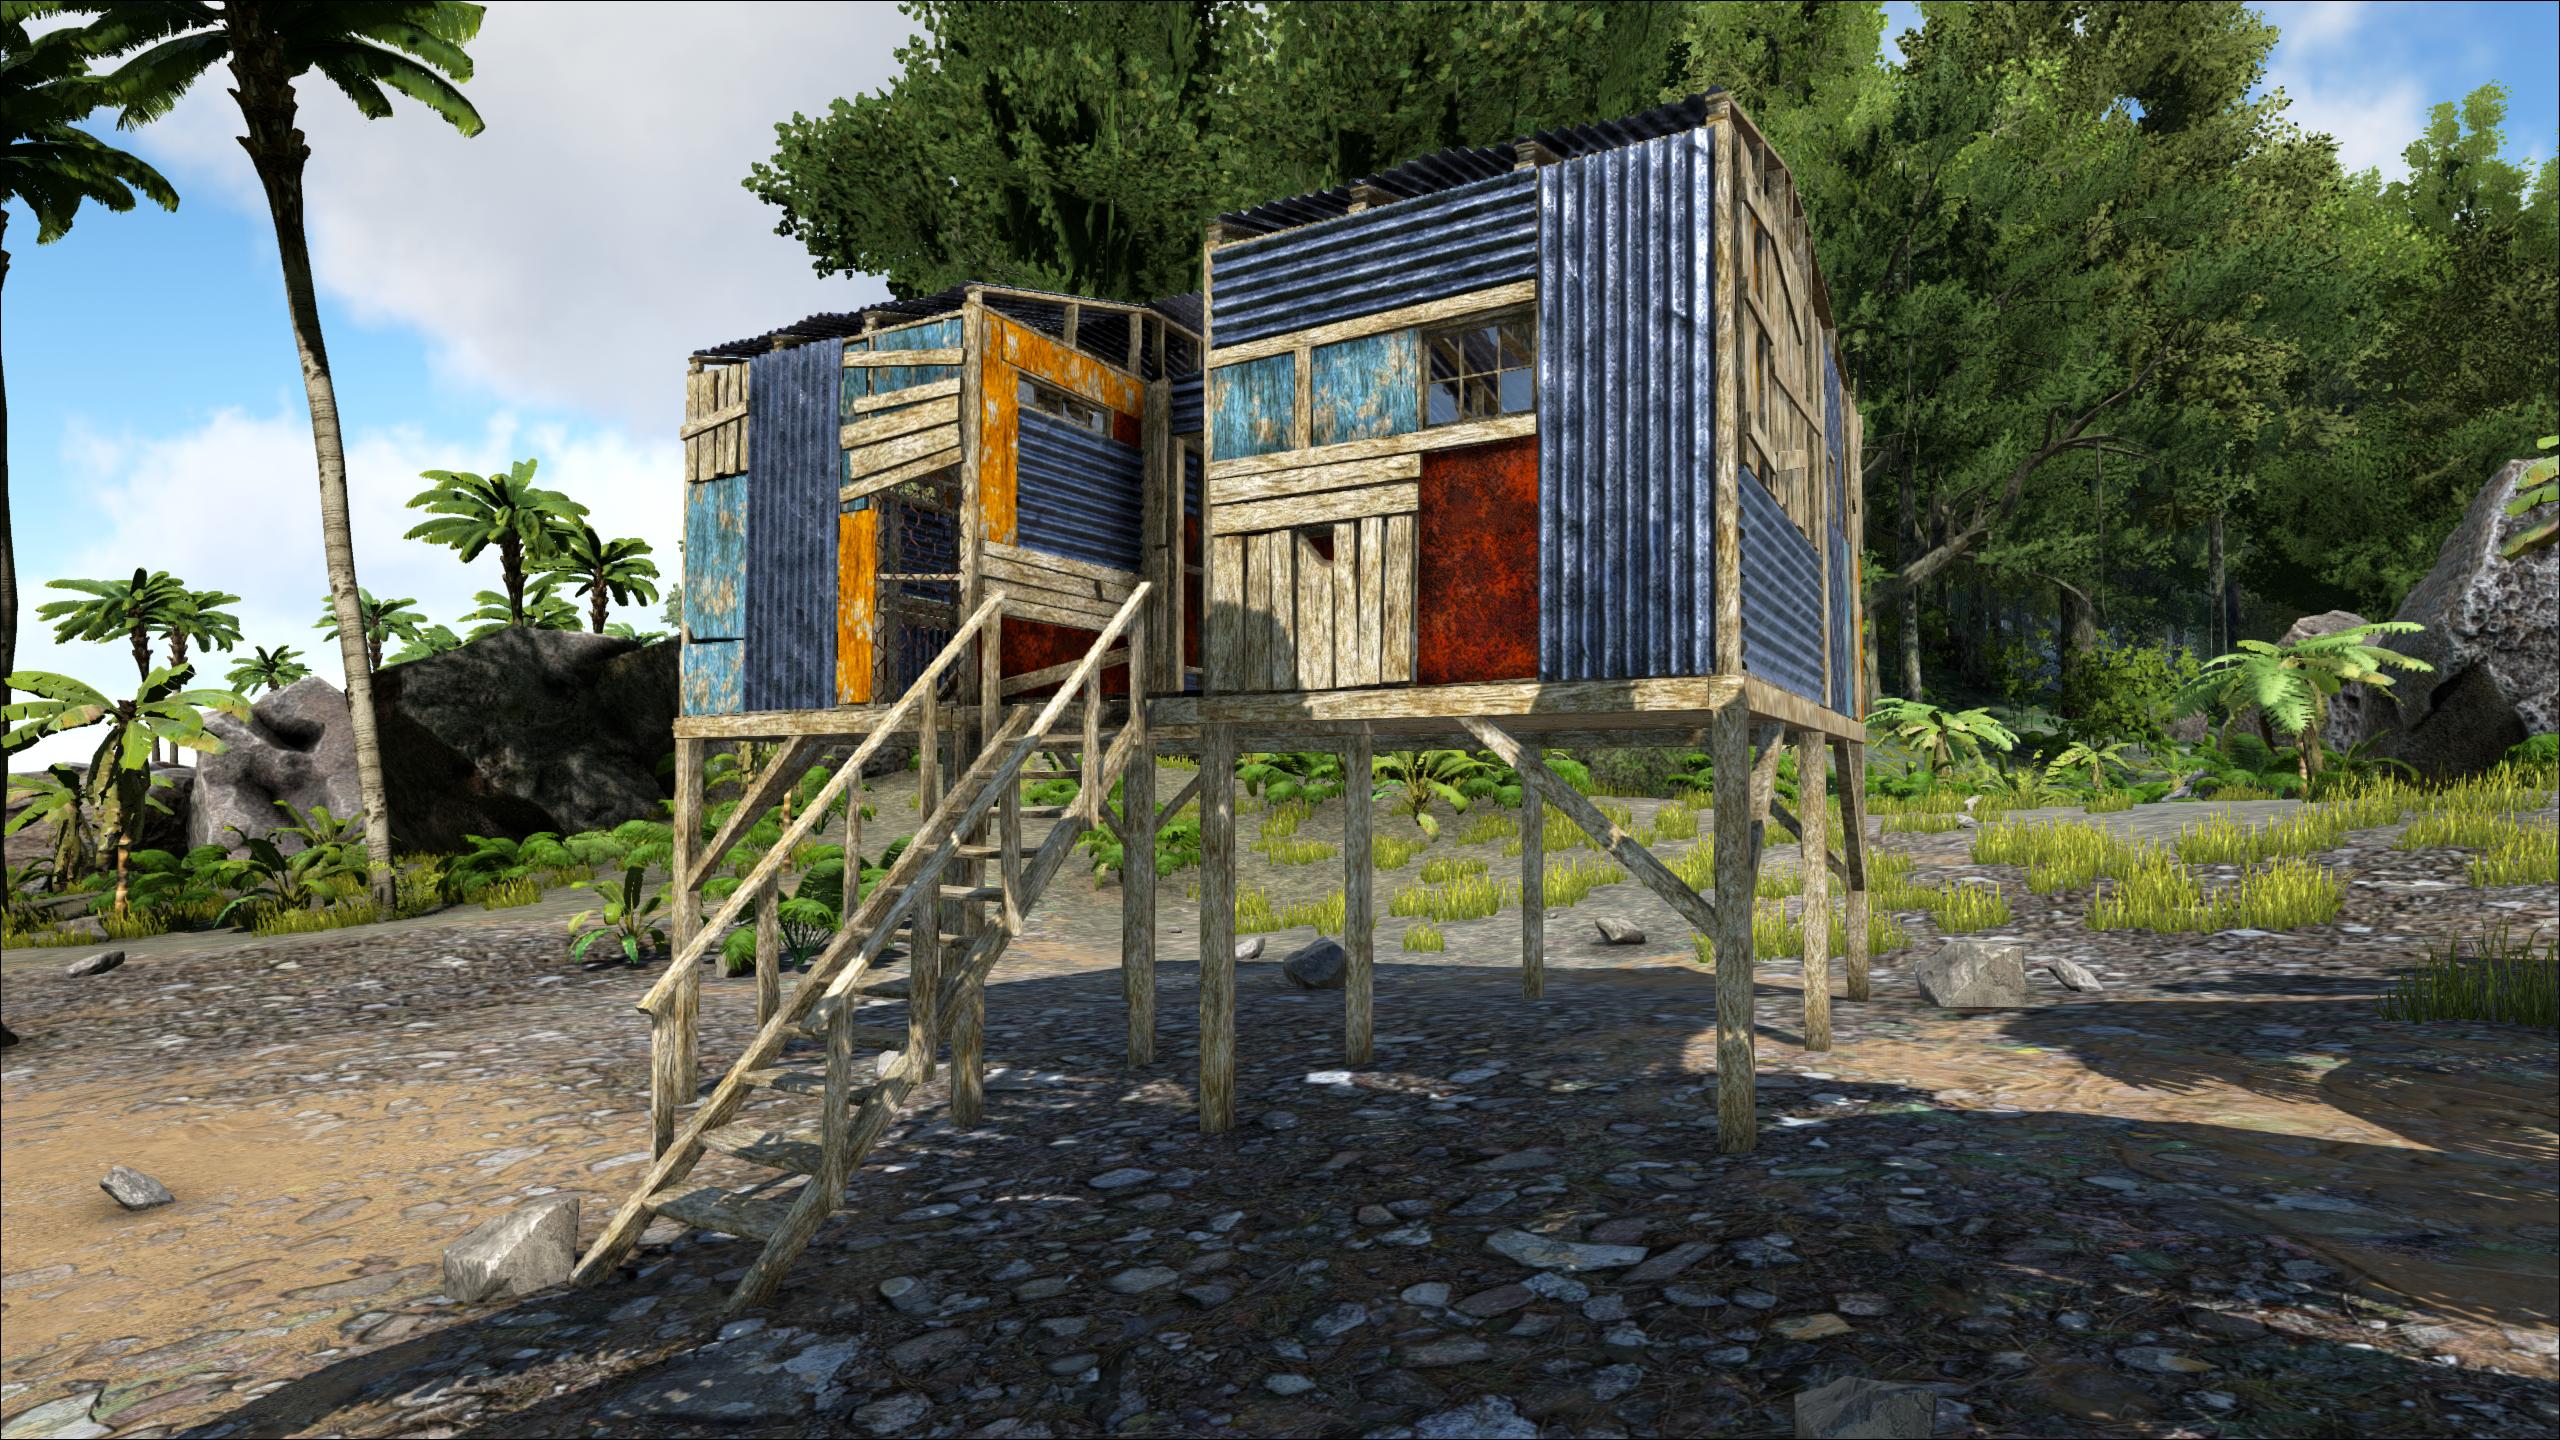 A Shanty Prefab on the Ark: The Island